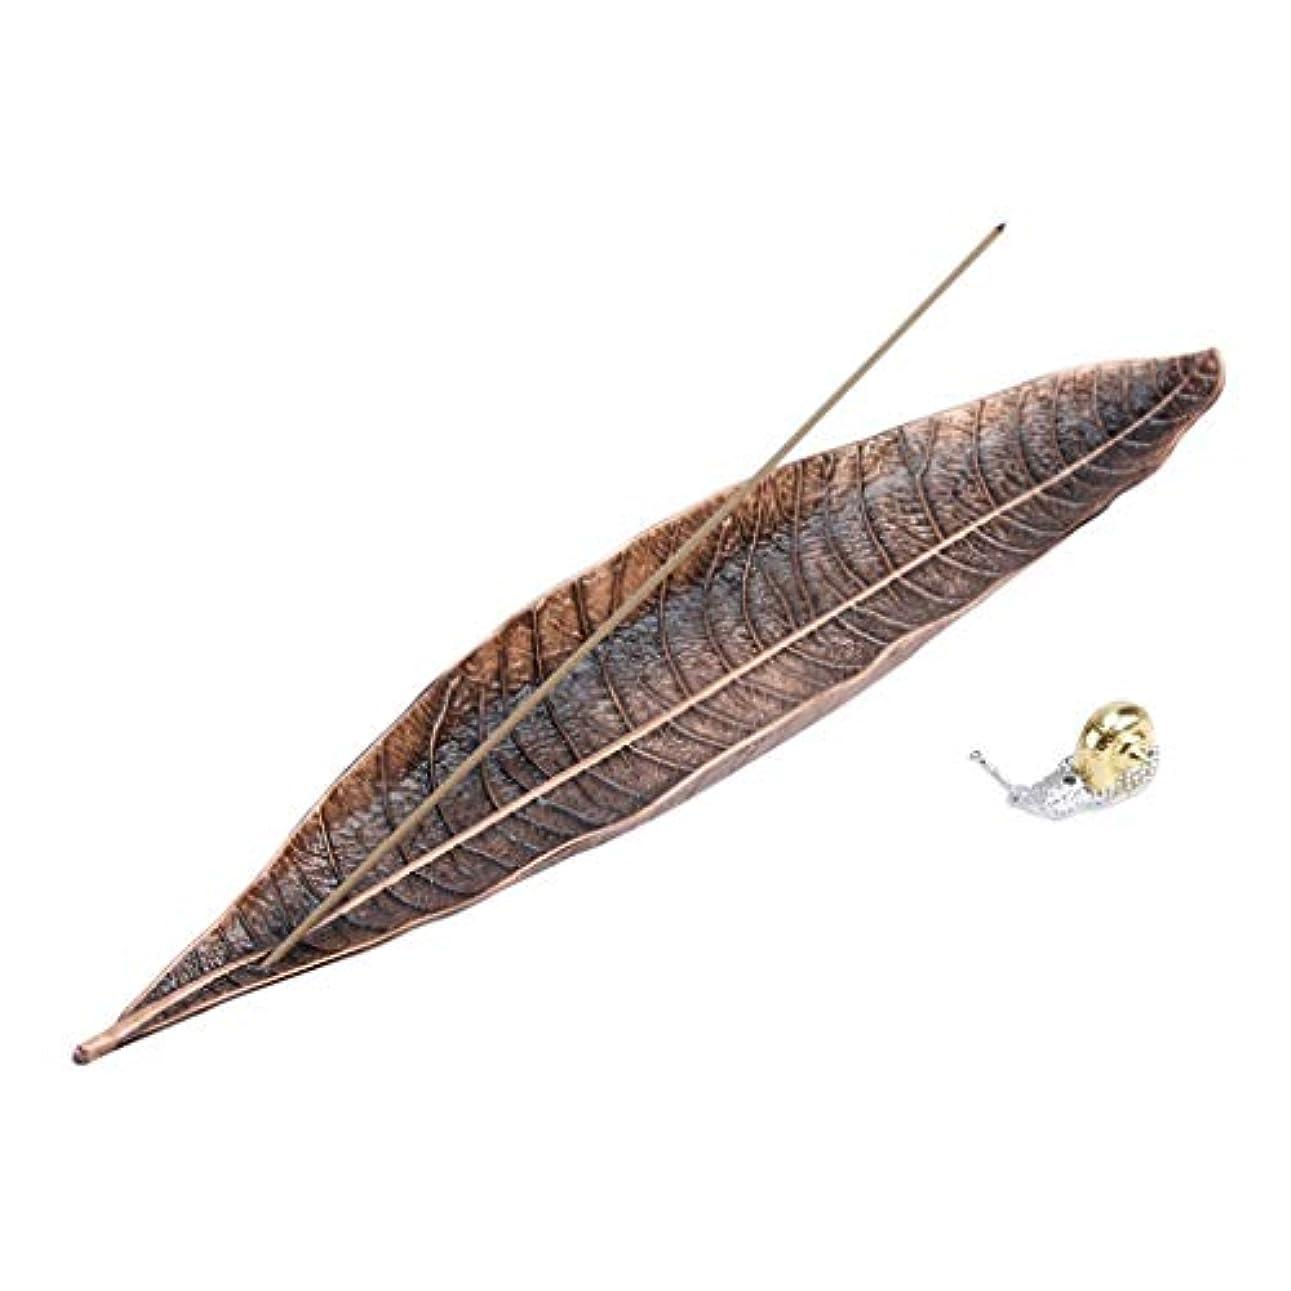 鳥休日にプロフィール芳香器?アロマバーナー カタツムリの香の棒のホールダーの家の装飾の付属品が付いている葉の香のホールダーの灰のキャッチャーの長い香バーナー アロマバーナー芳香器 (Color : A)